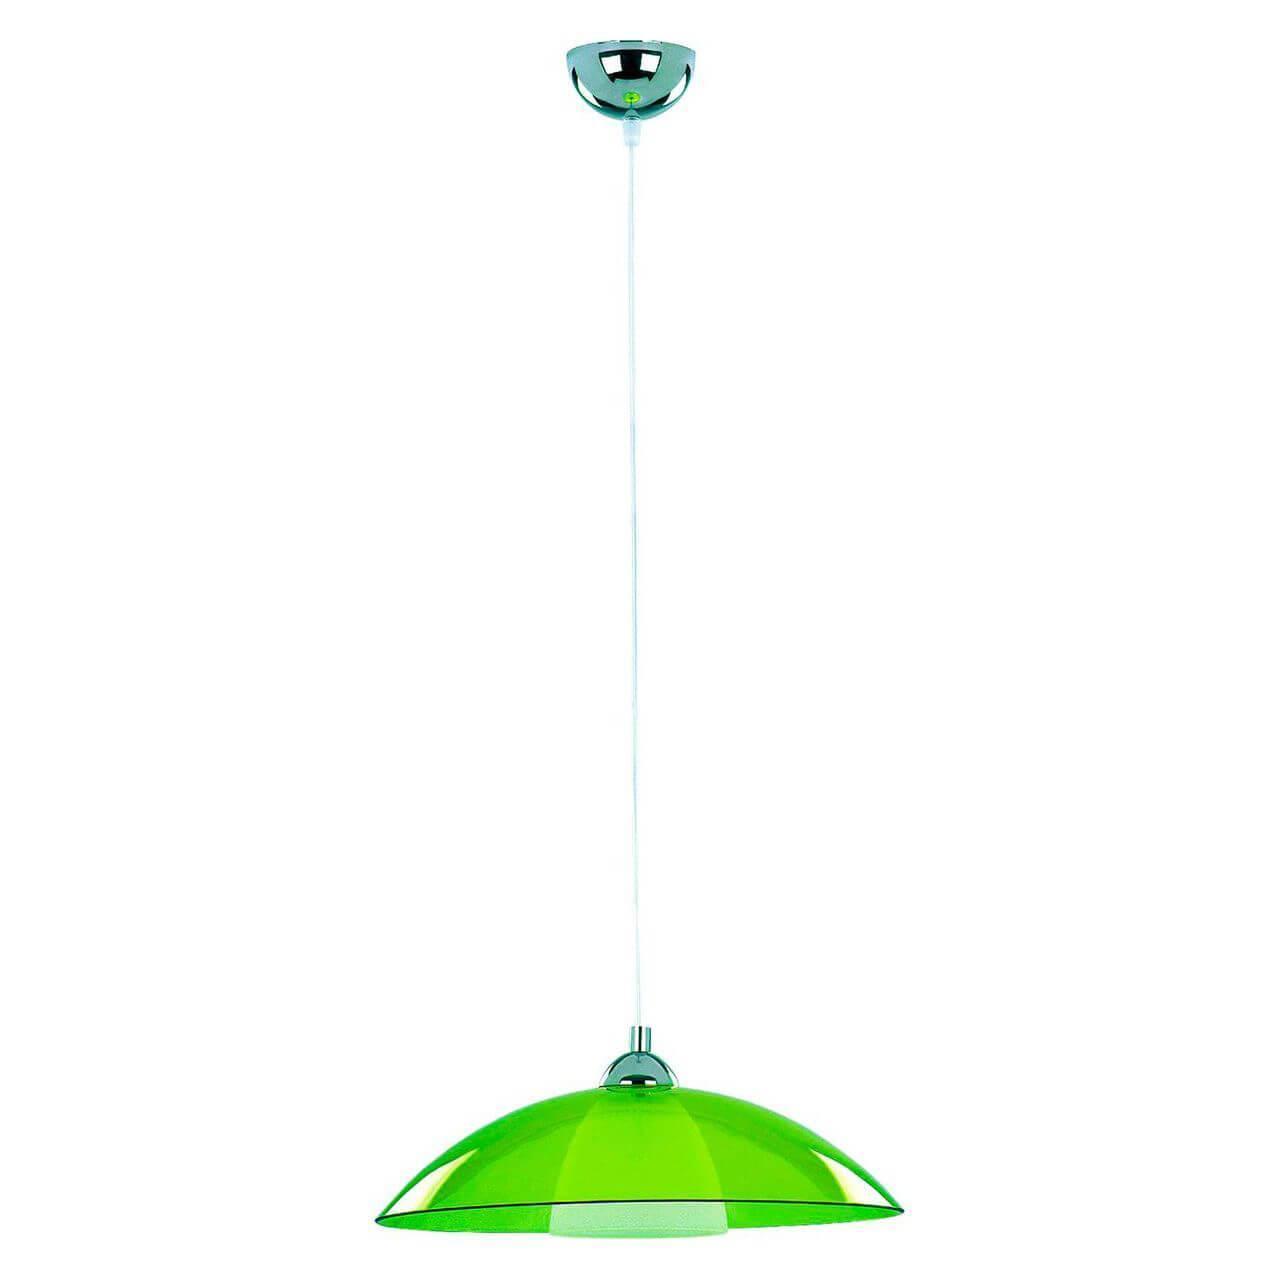 цена на Подвесной светильник Alfa 10199, E27, 60 Вт